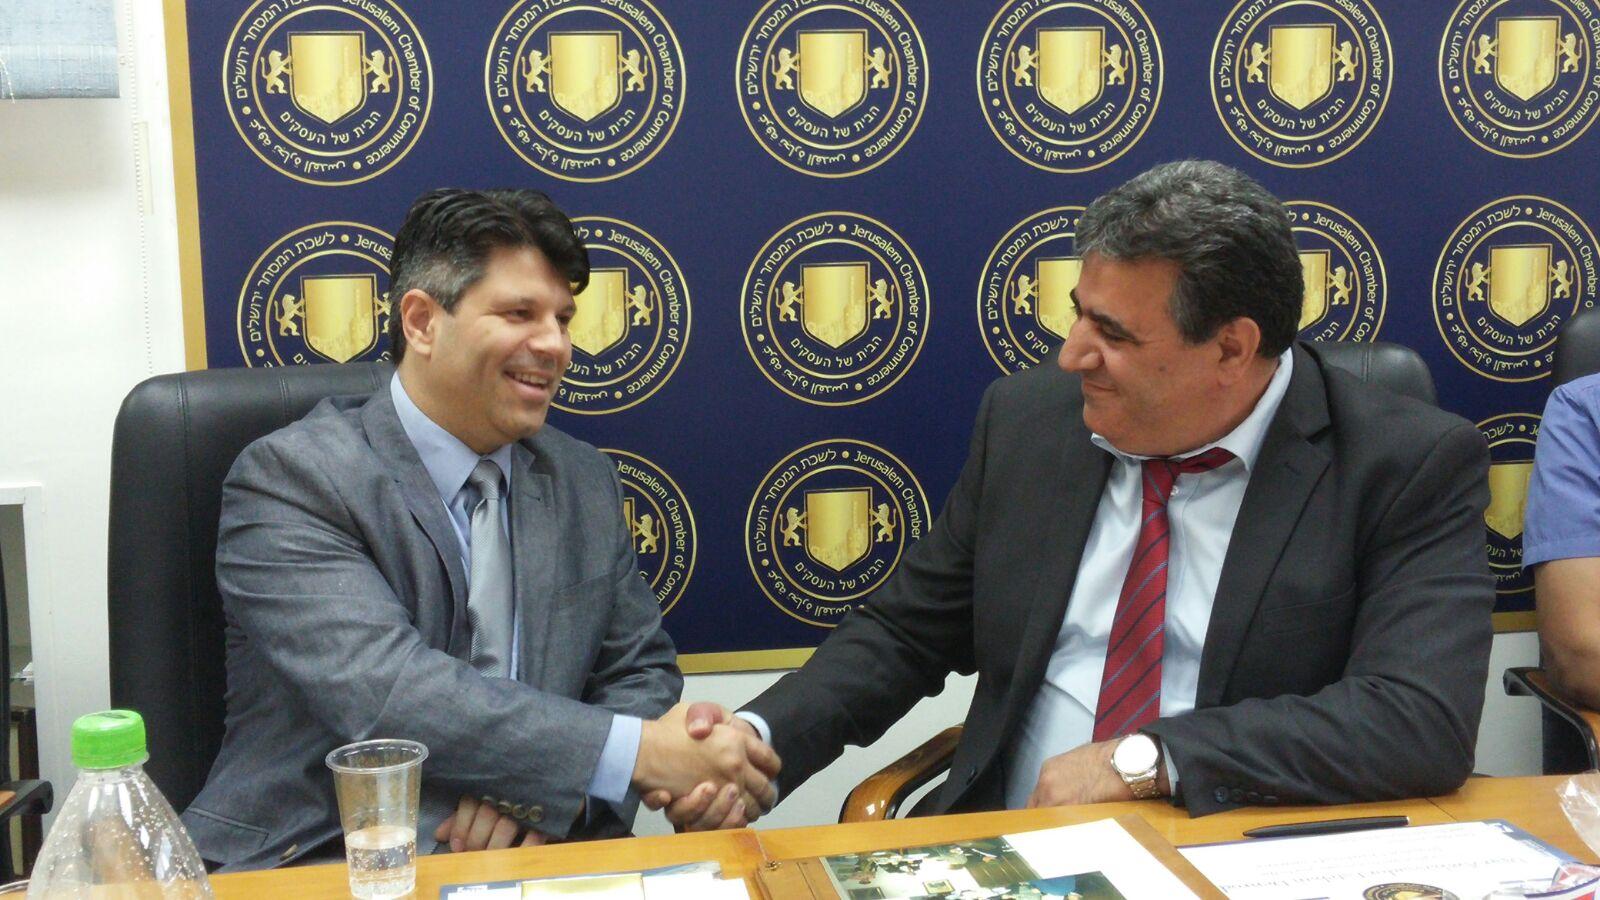 נשיא לשכת המסחר מר דרור אטרי יחד עם שגריר קוסטה ריקה